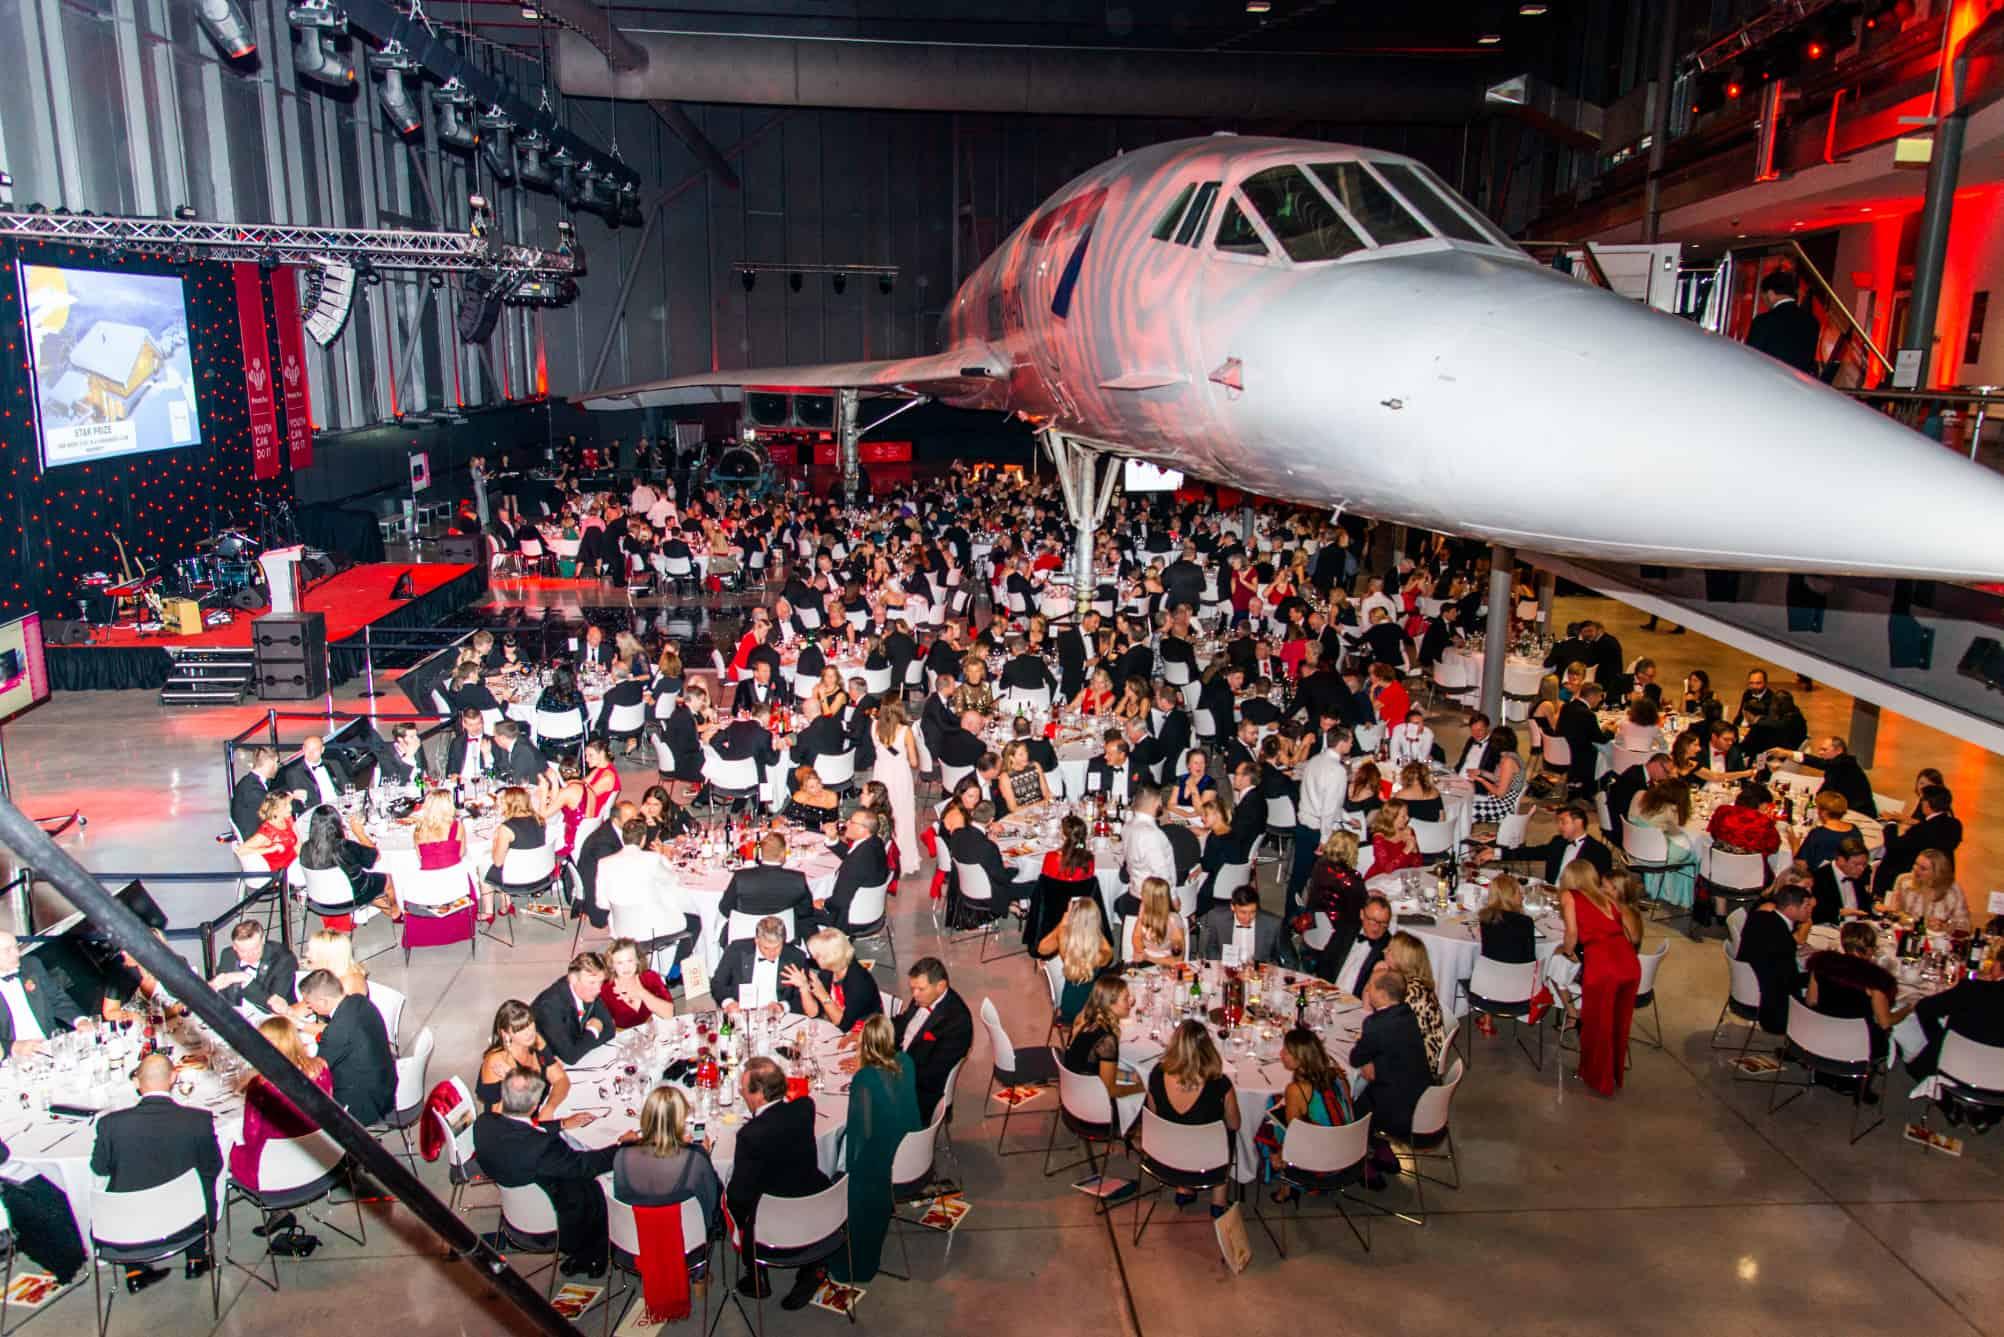 Dining under Concorde